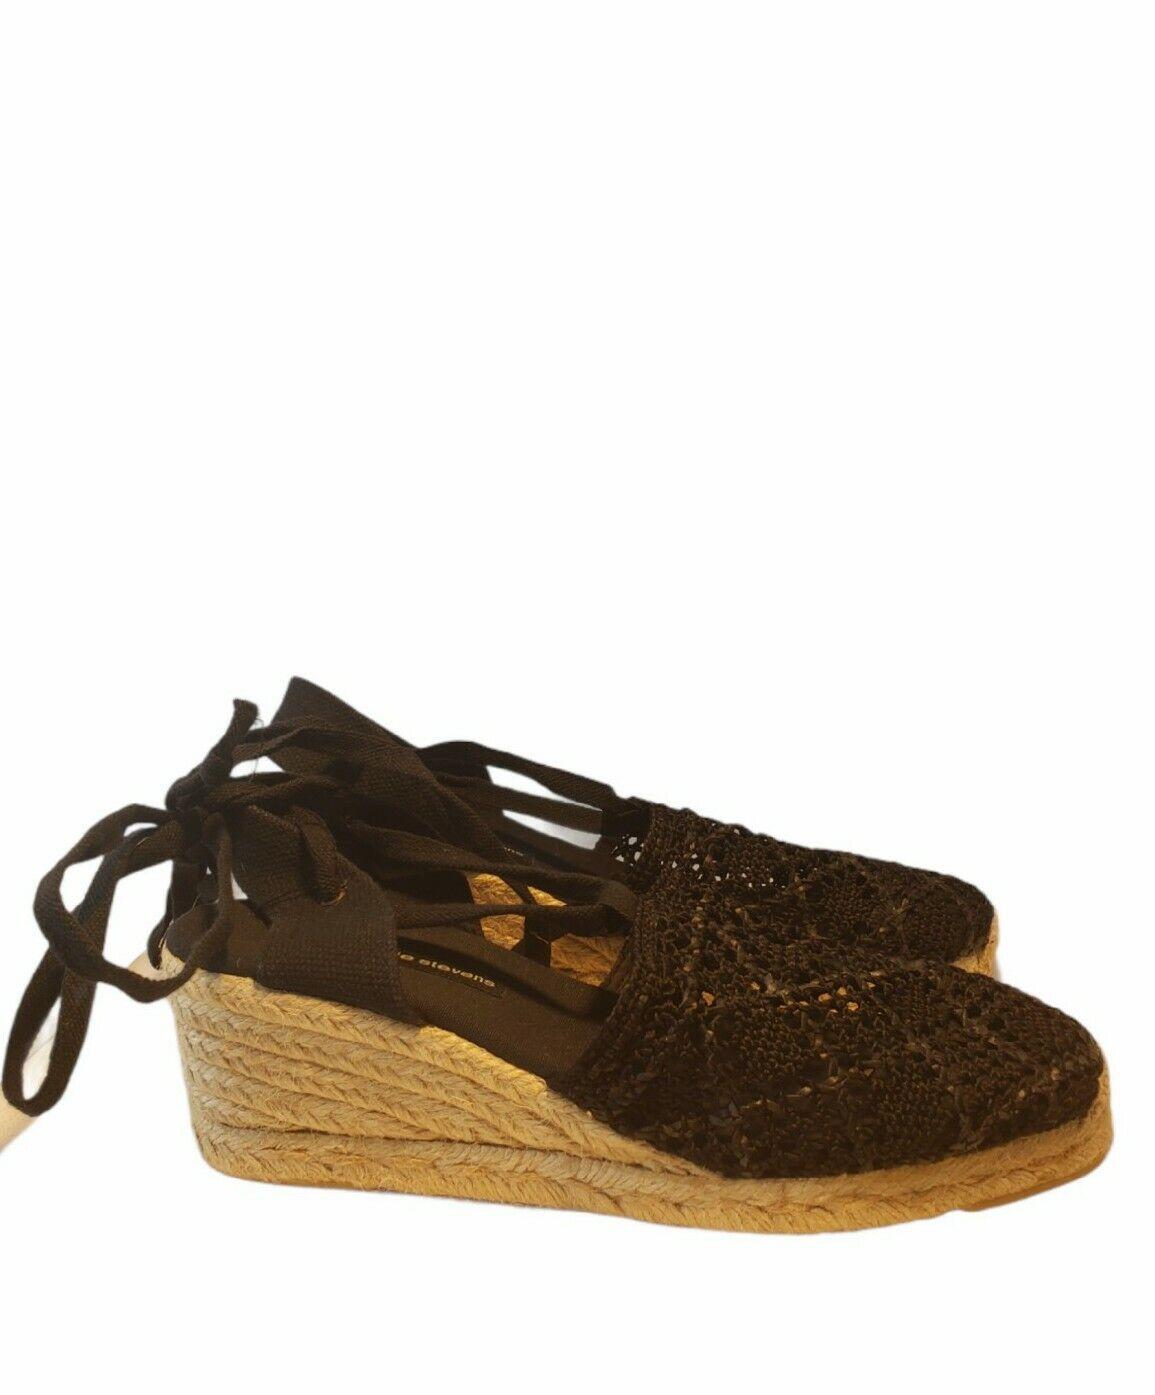 Valerie Stevens femme chaussures sandales espadrilles NOIR Talons Compenses Taille 8 M Boho Chic